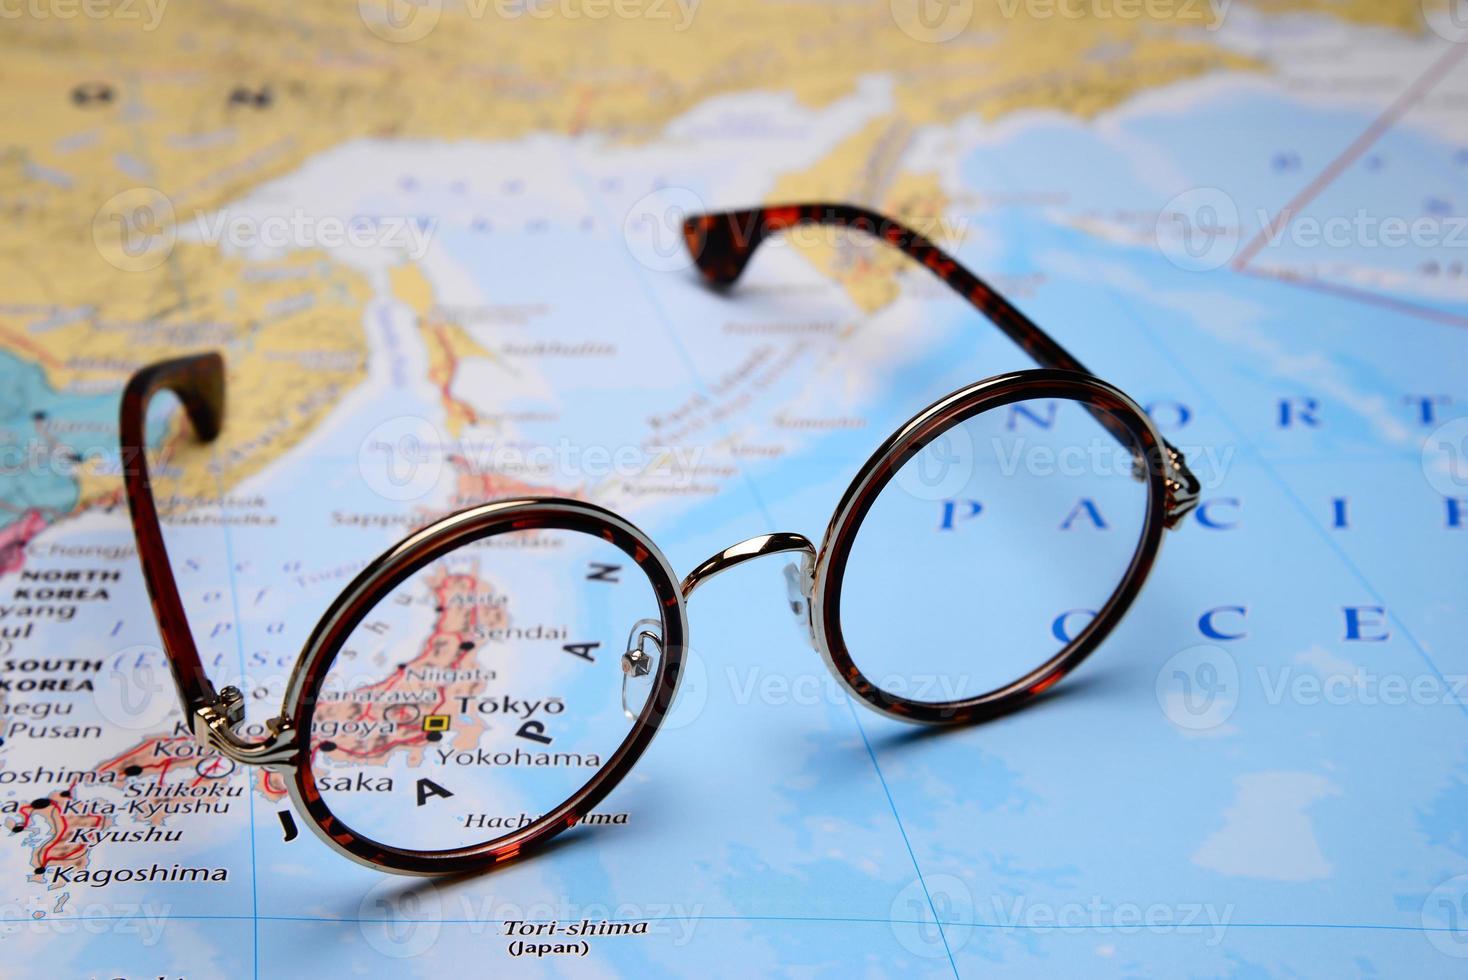 lunettes sur une carte de l'asie - tokyo photo